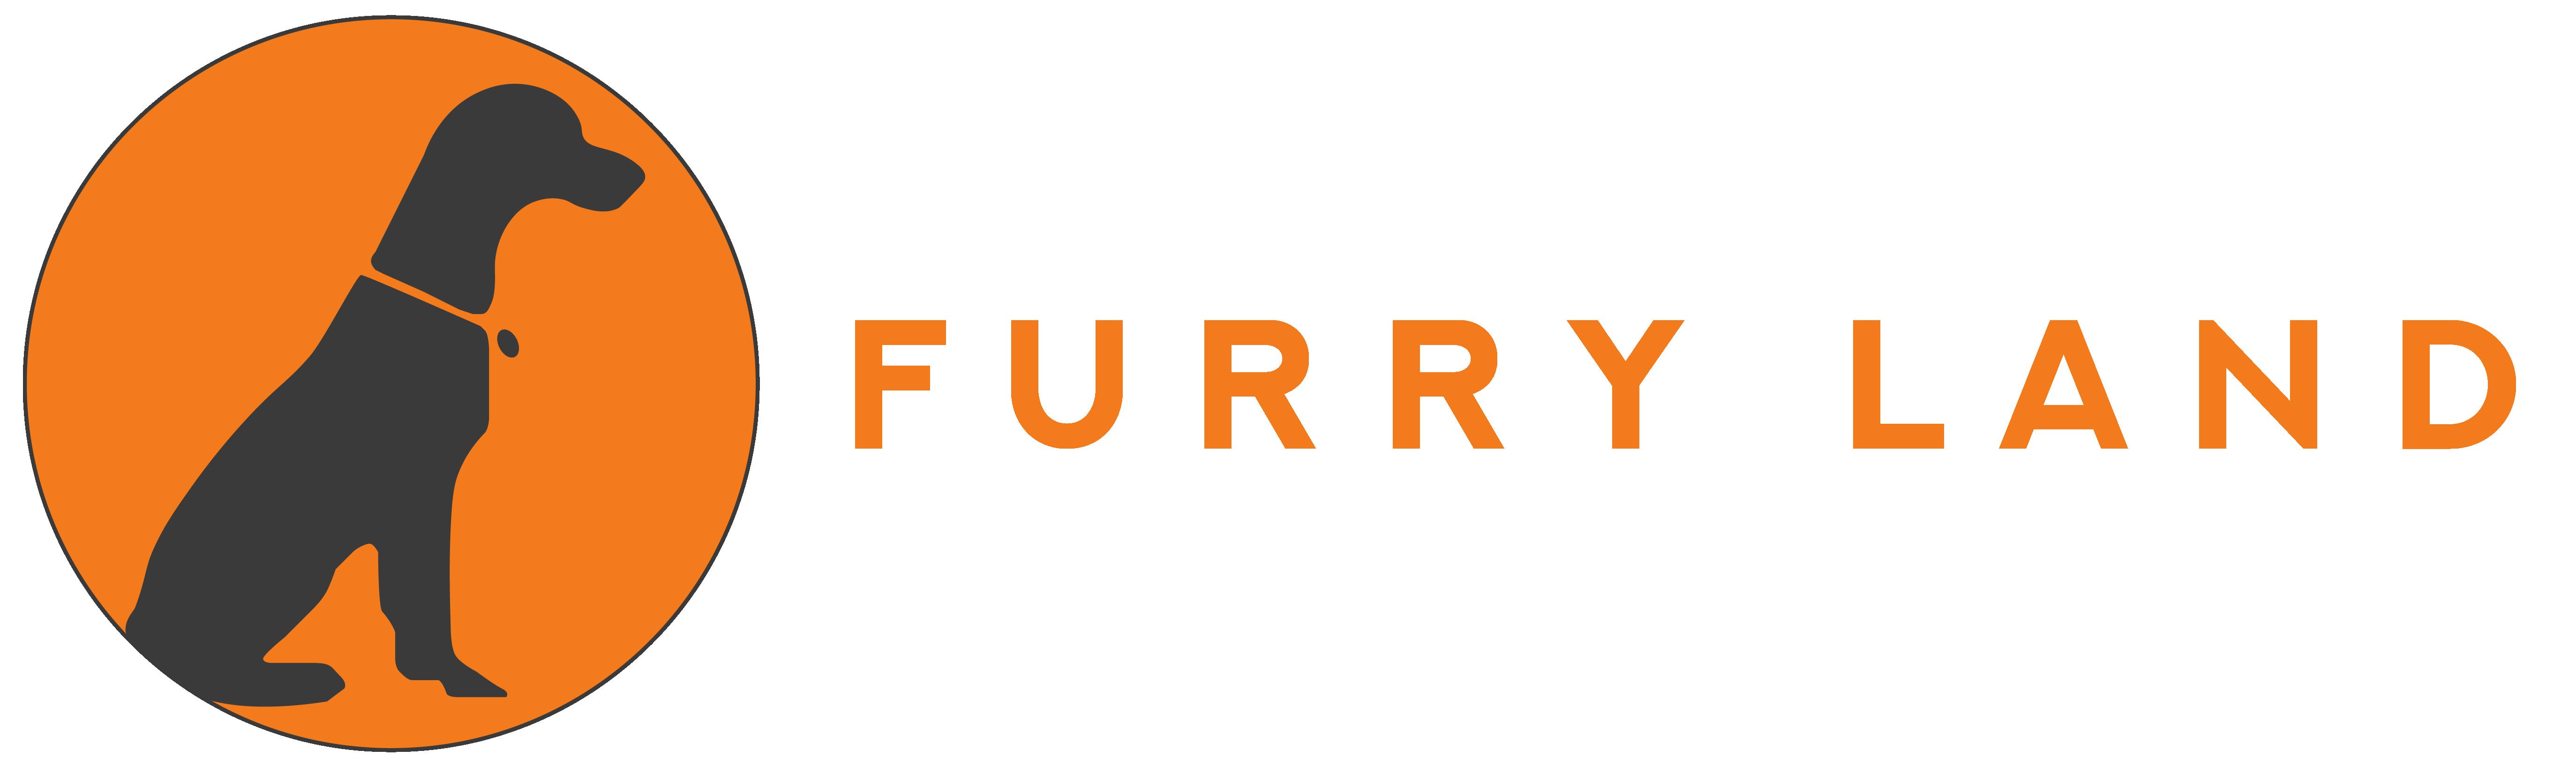 Furry Land Logo